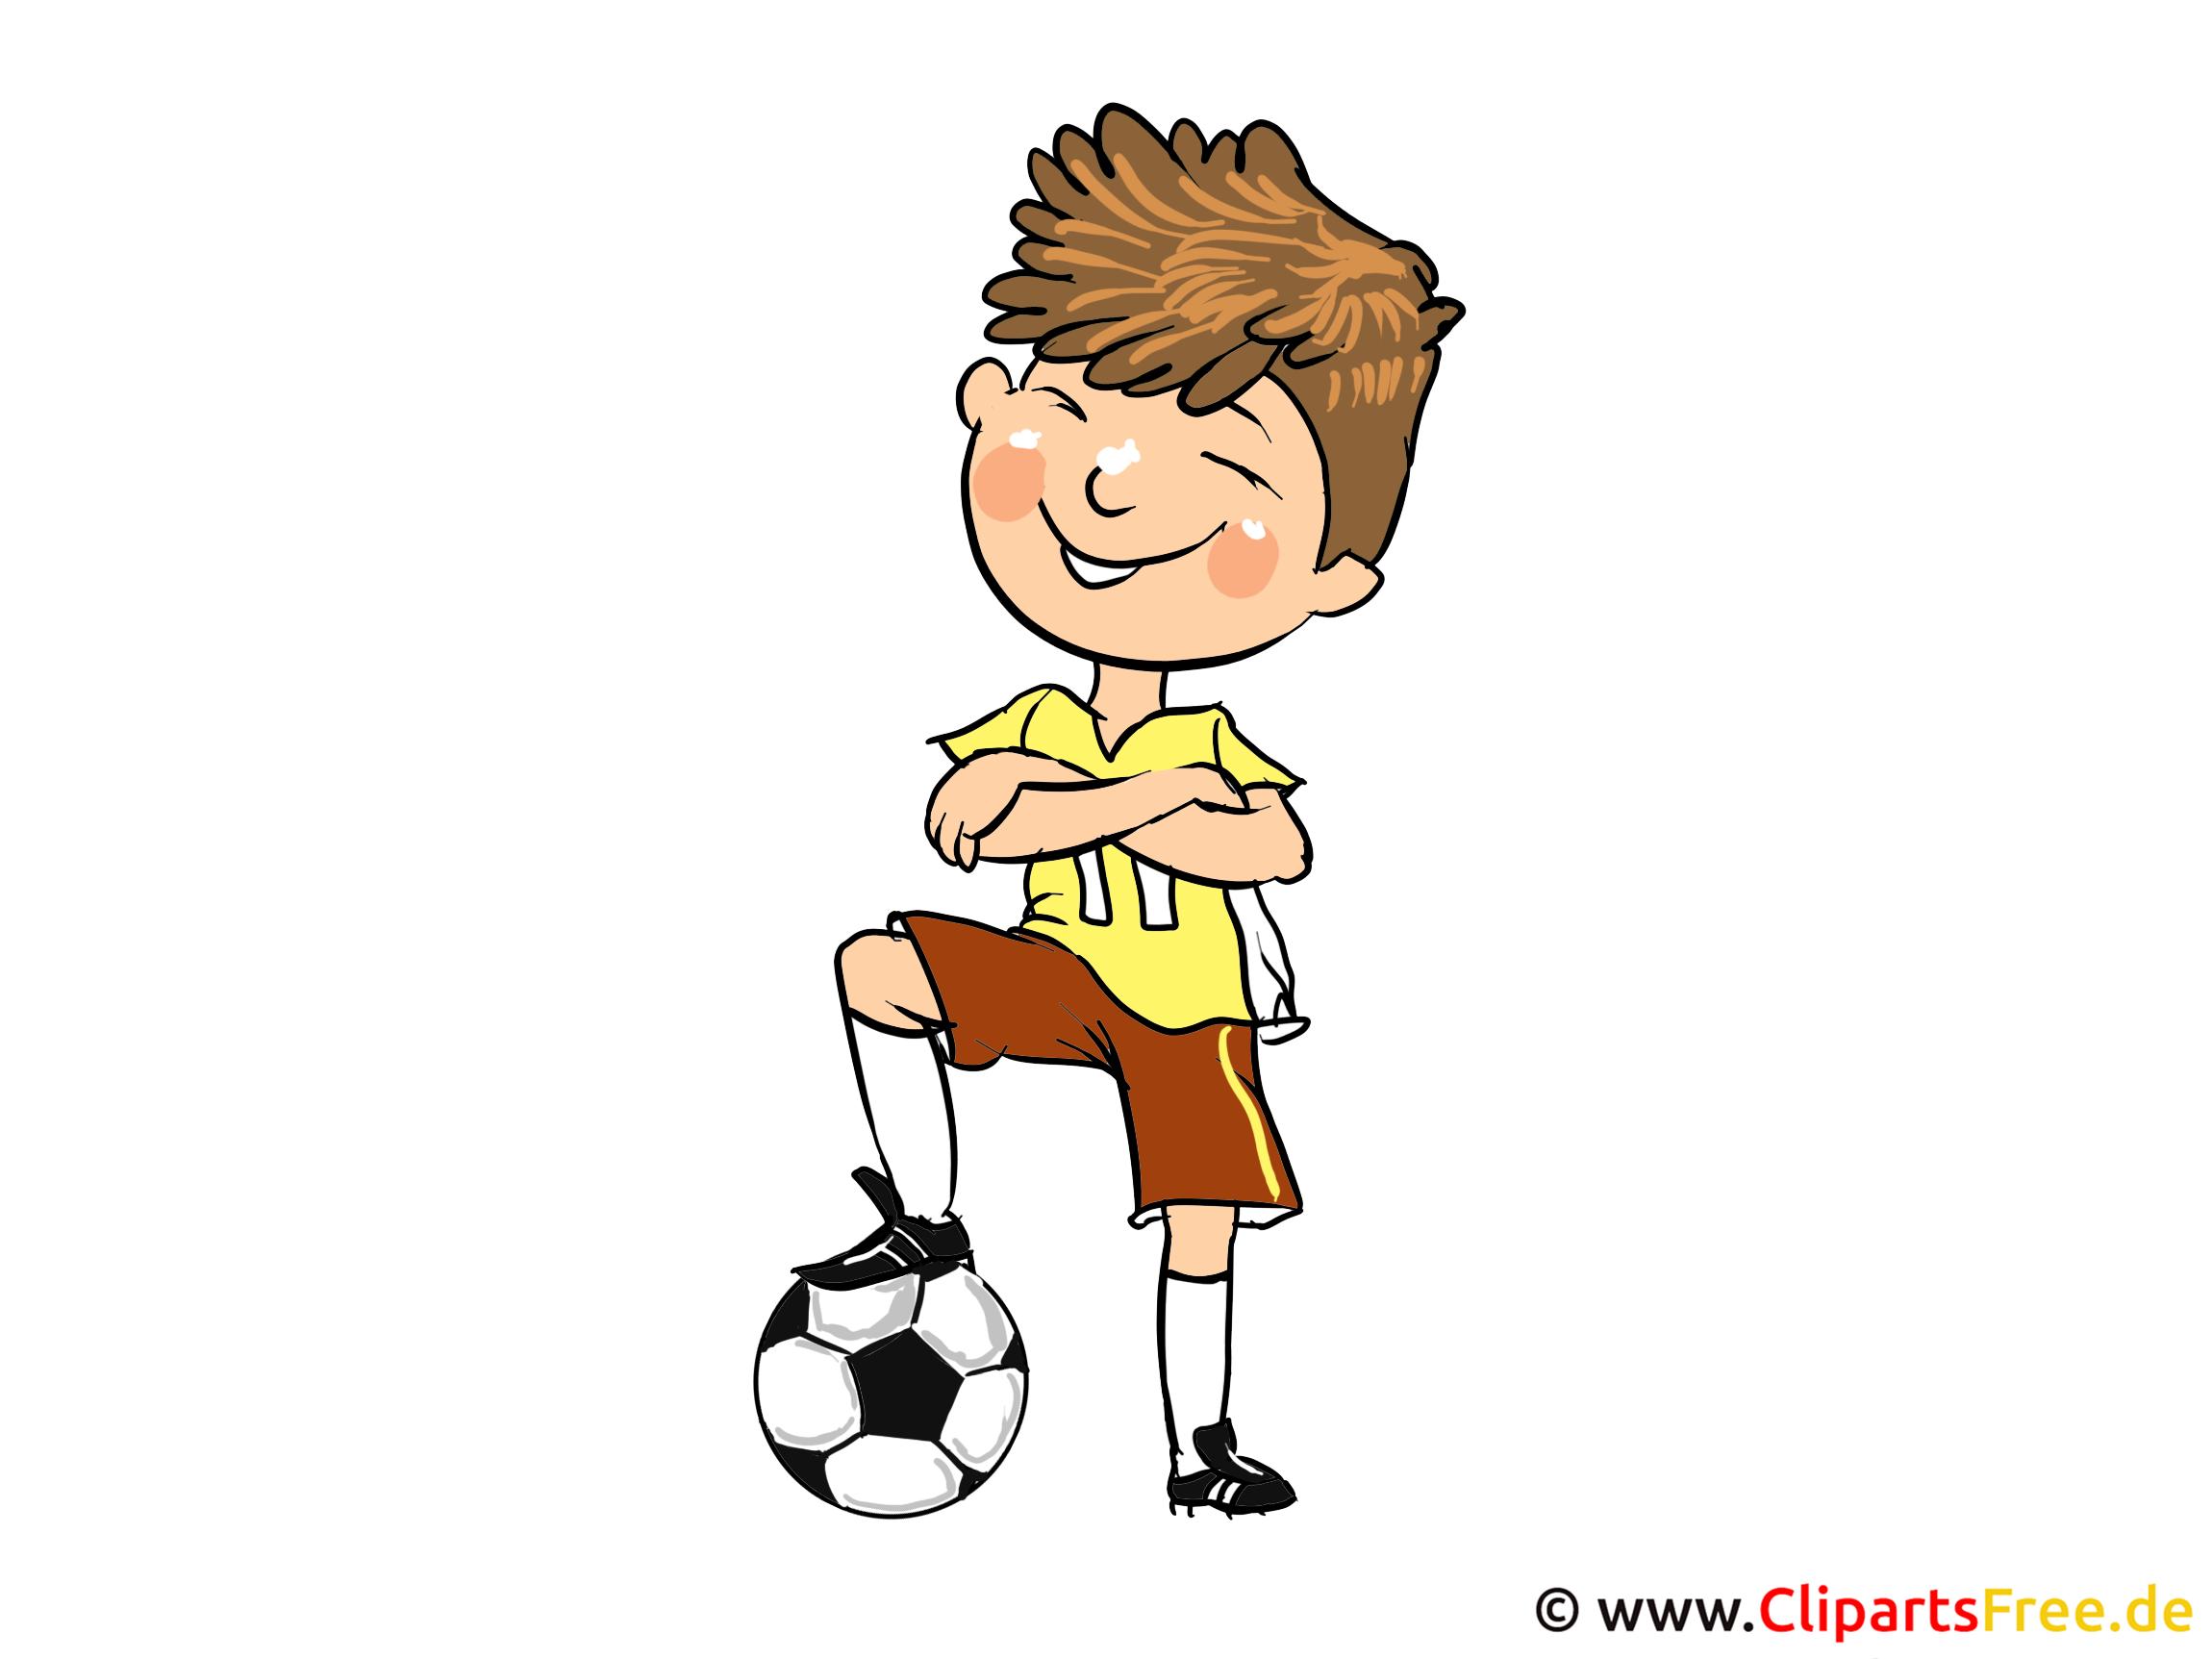 Fussballer Bild, Clipart, Cartoon, Image, Illustration